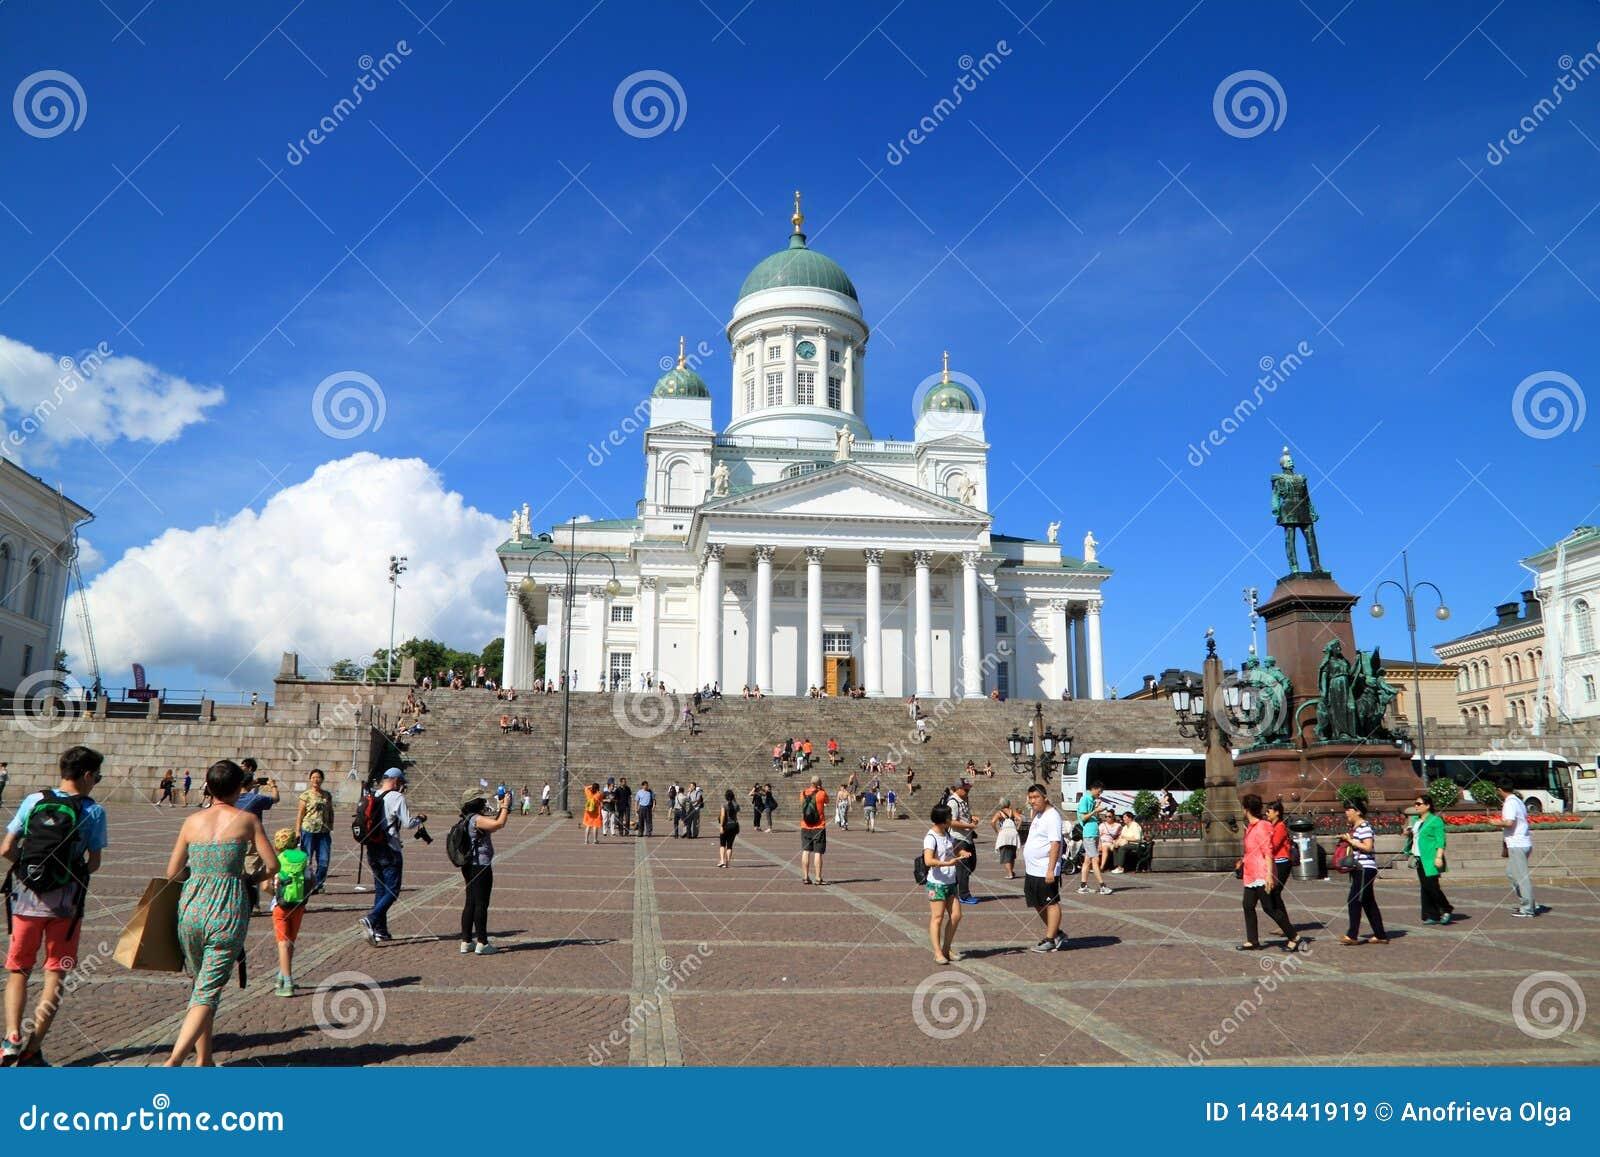 Μαζικός τουρισμός στη Φινλανδία, καθεδρικός ναός του Ελσίνκι